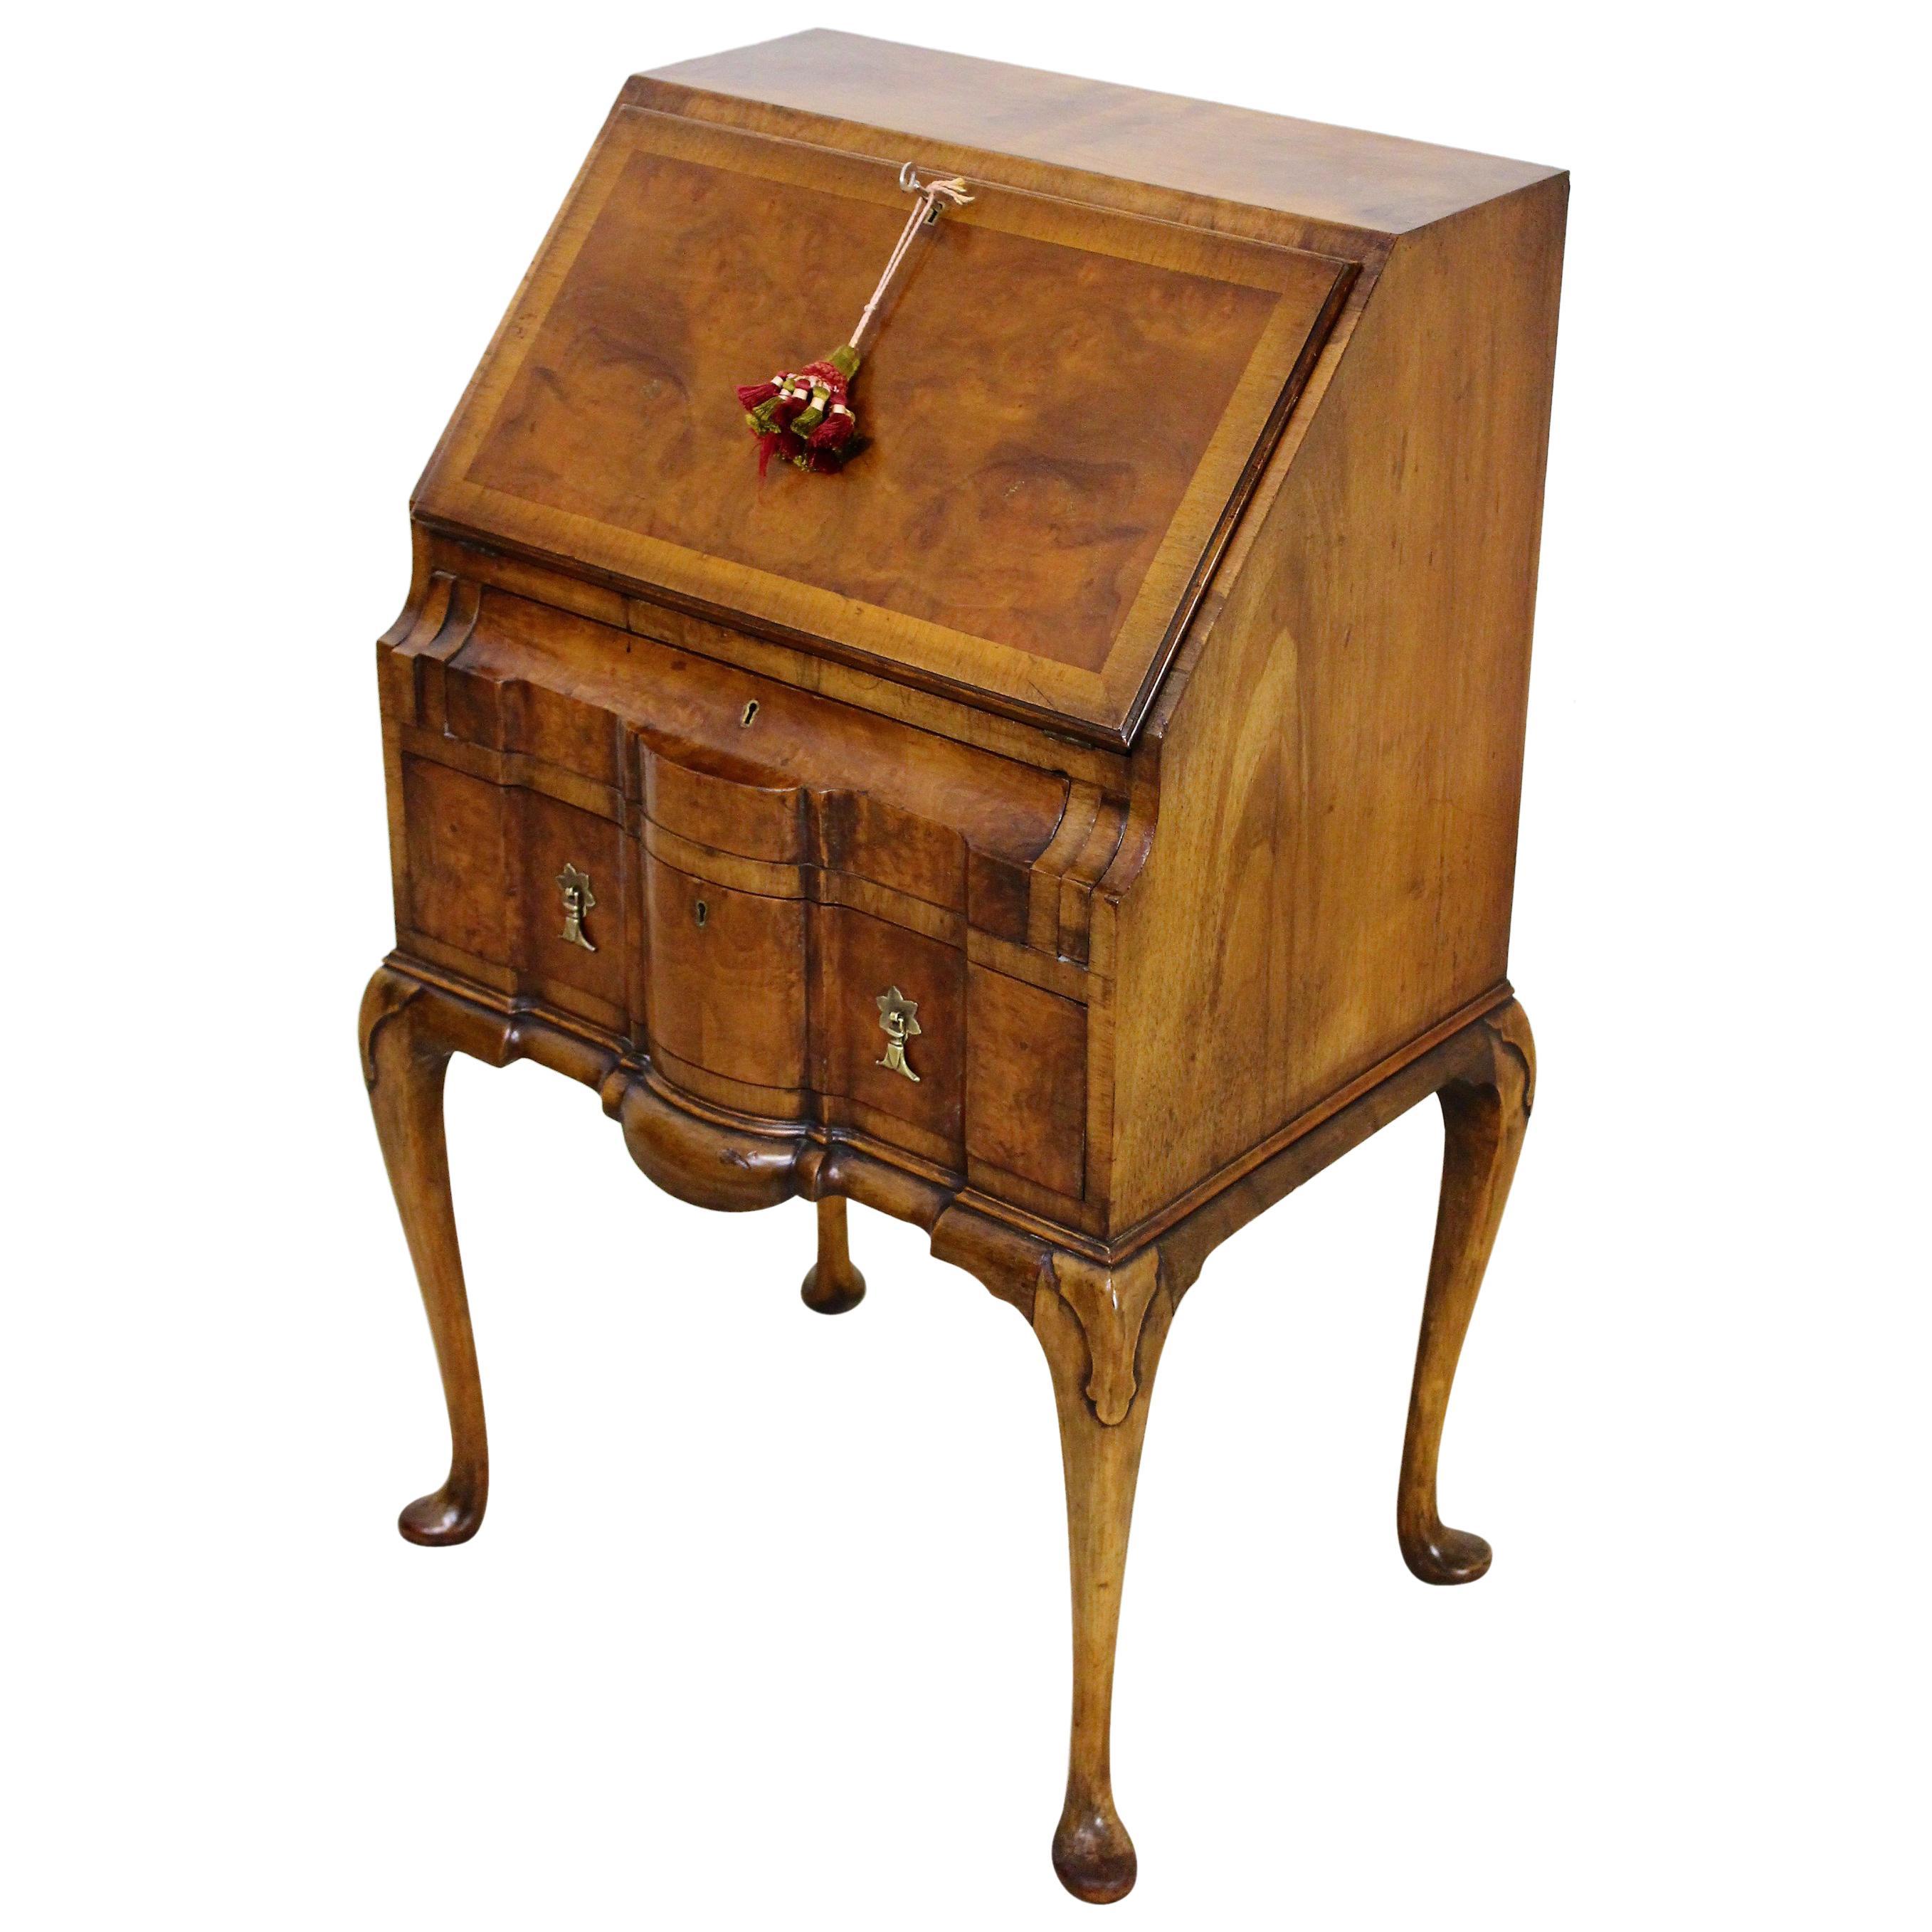 Queen Anne Desks 27 For Sale At 1stdibs >> Queen Anne Desks 27 For Sale At 1stdibs